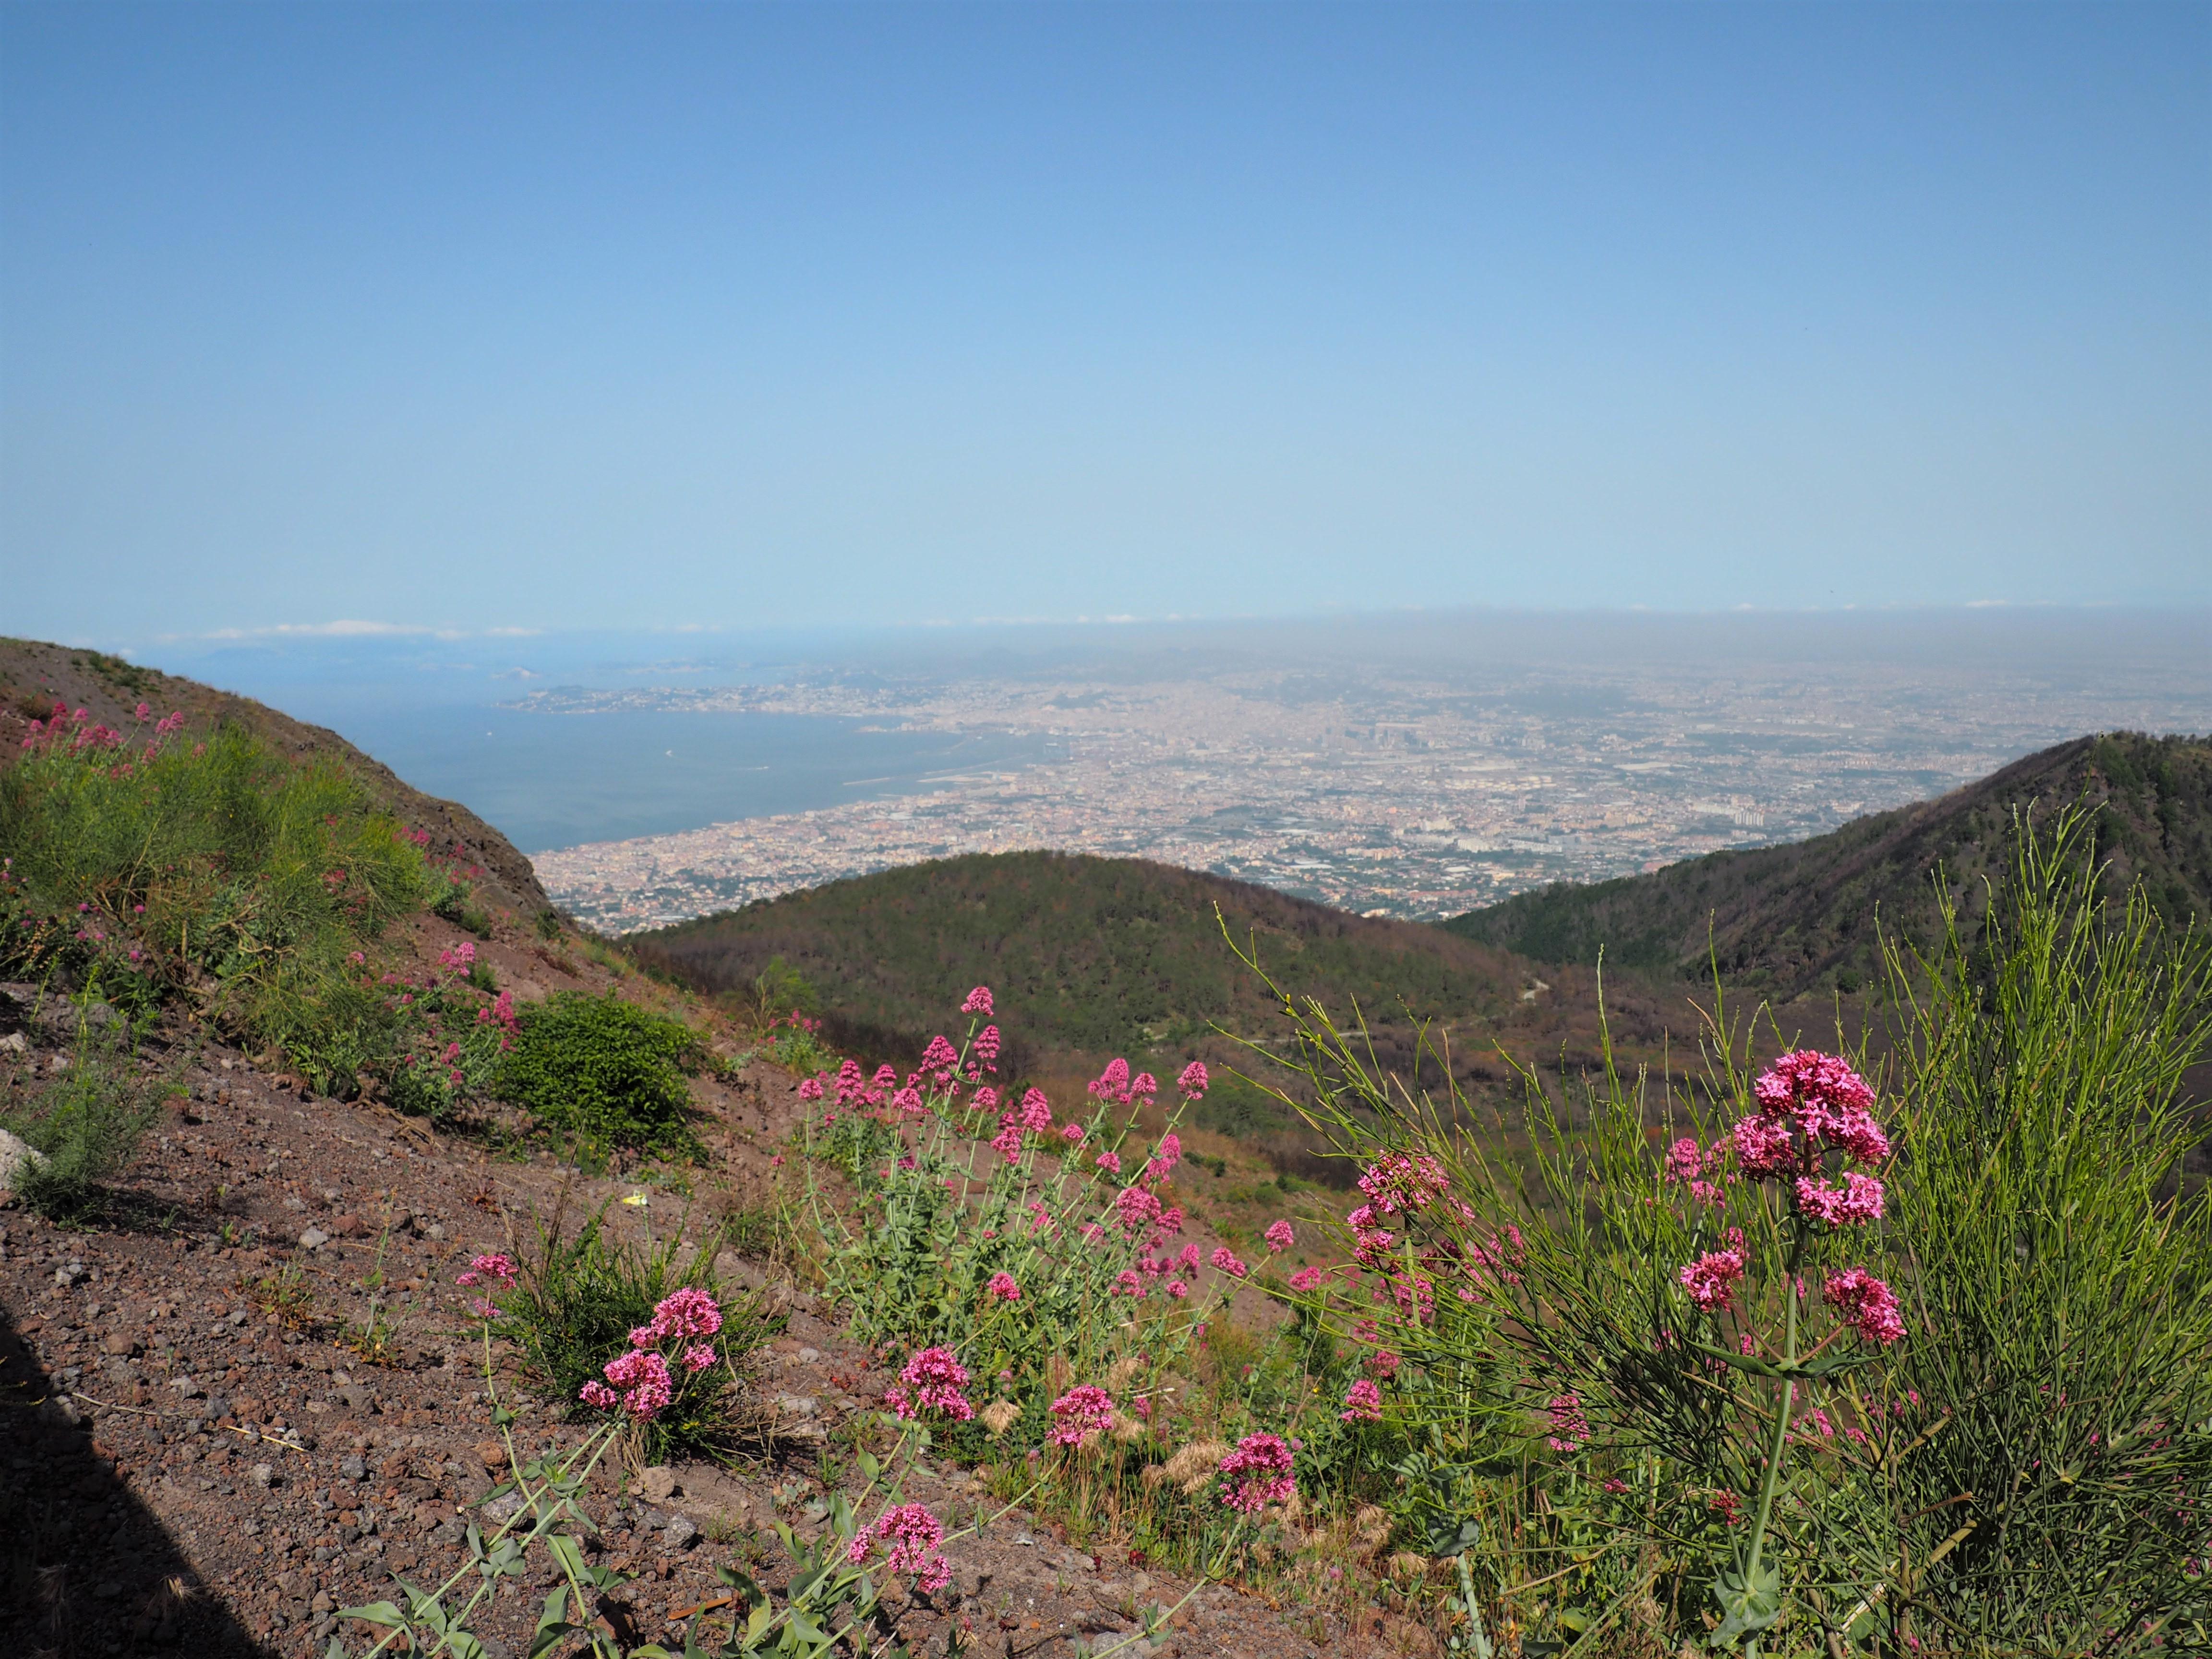 Fantastischer Ausblick vom Vesuv auf den Golf von Neapel